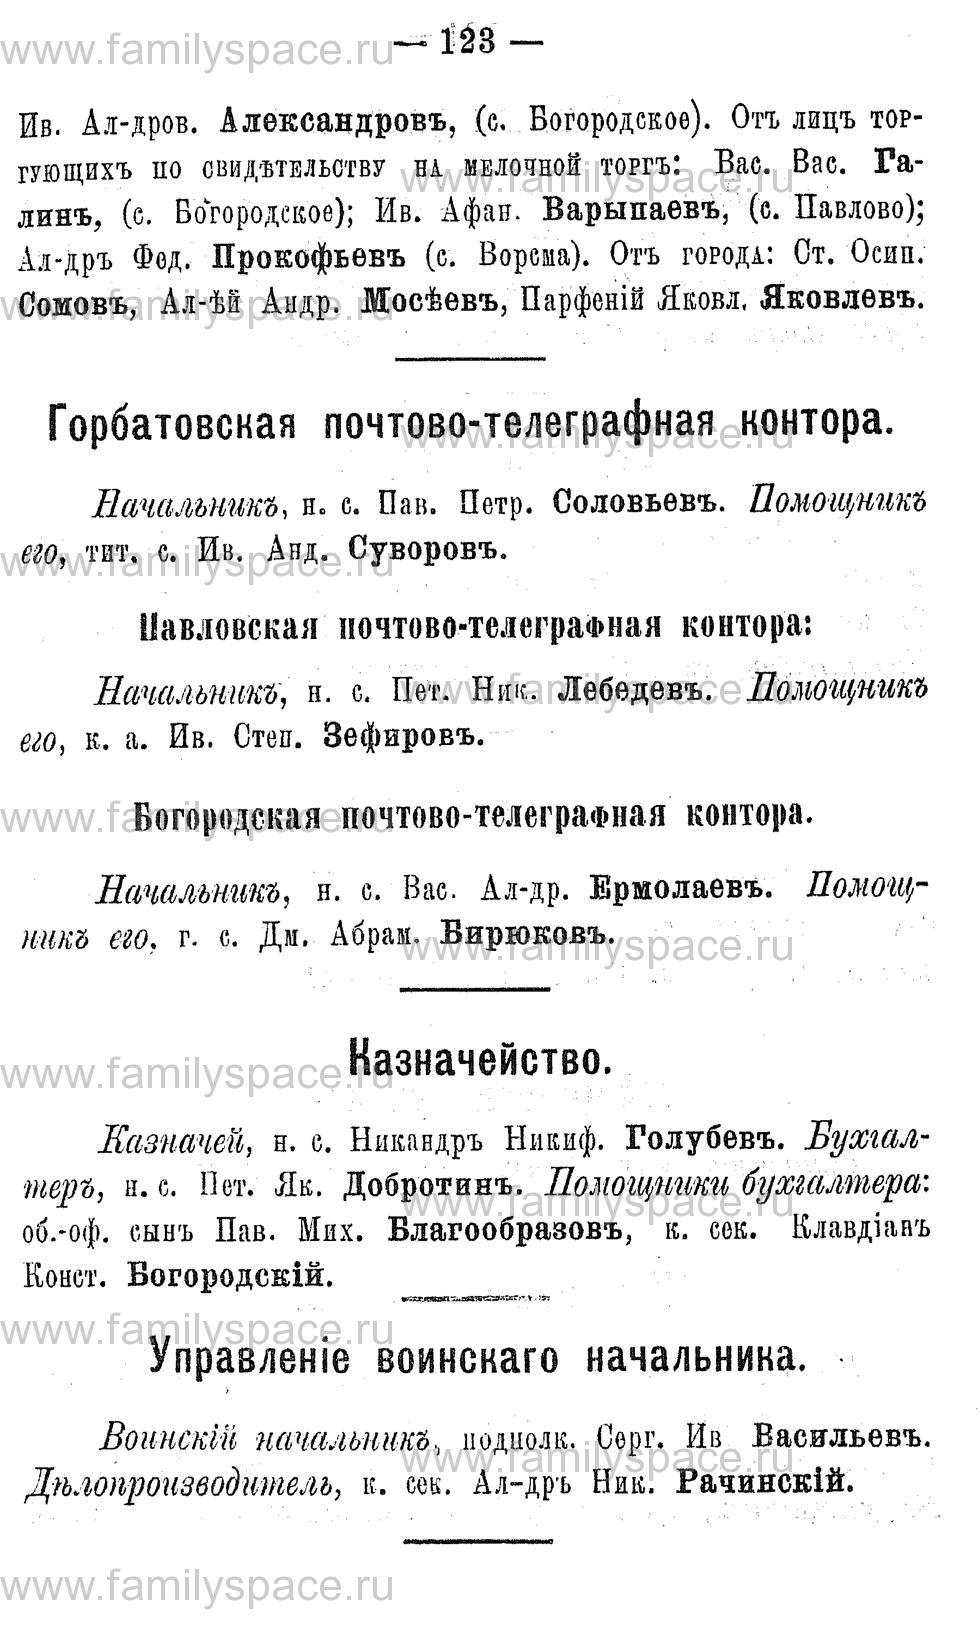 Поиск по фамилии - Адрес-календарь Нижегородской губернии на 1891 год, страница 123